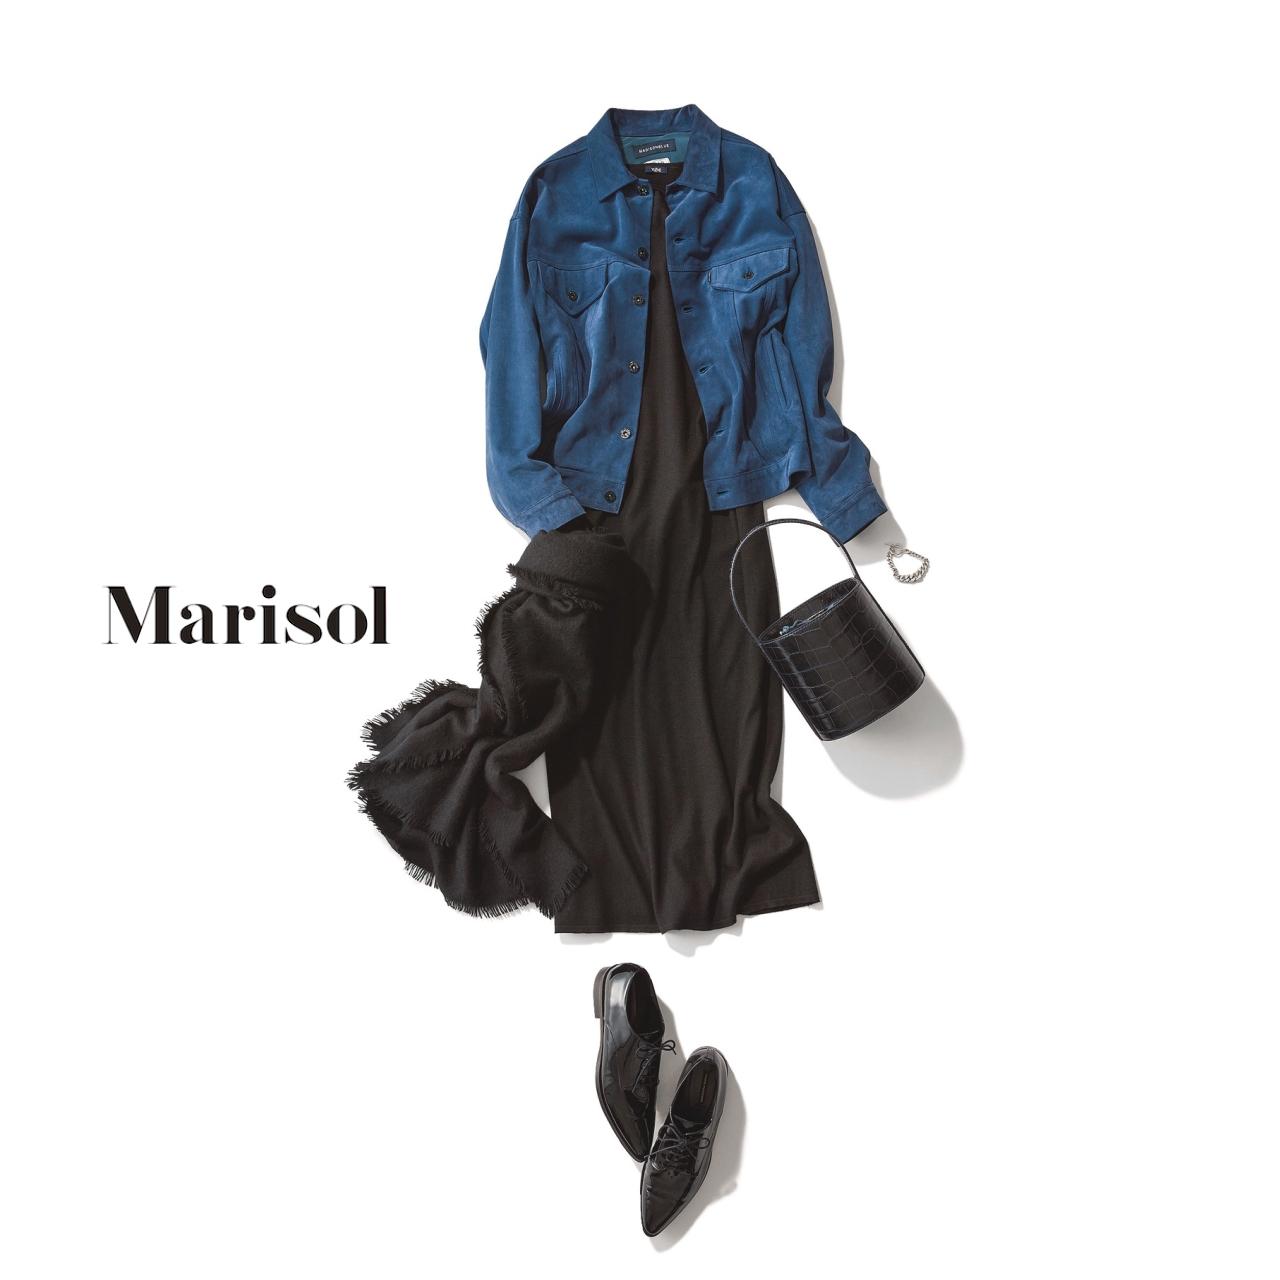 40代ファッション スエード素材のジャケット×黒ニットワンピース コーデ